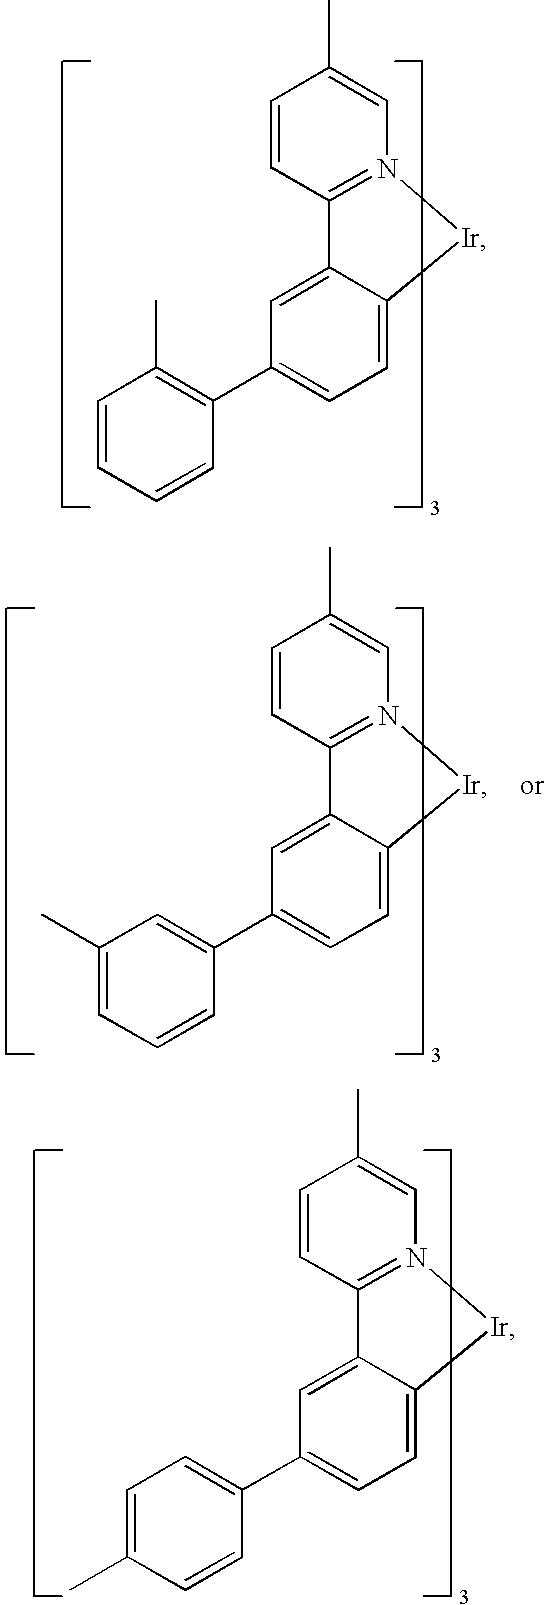 Figure US20070003789A1-20070104-C00027